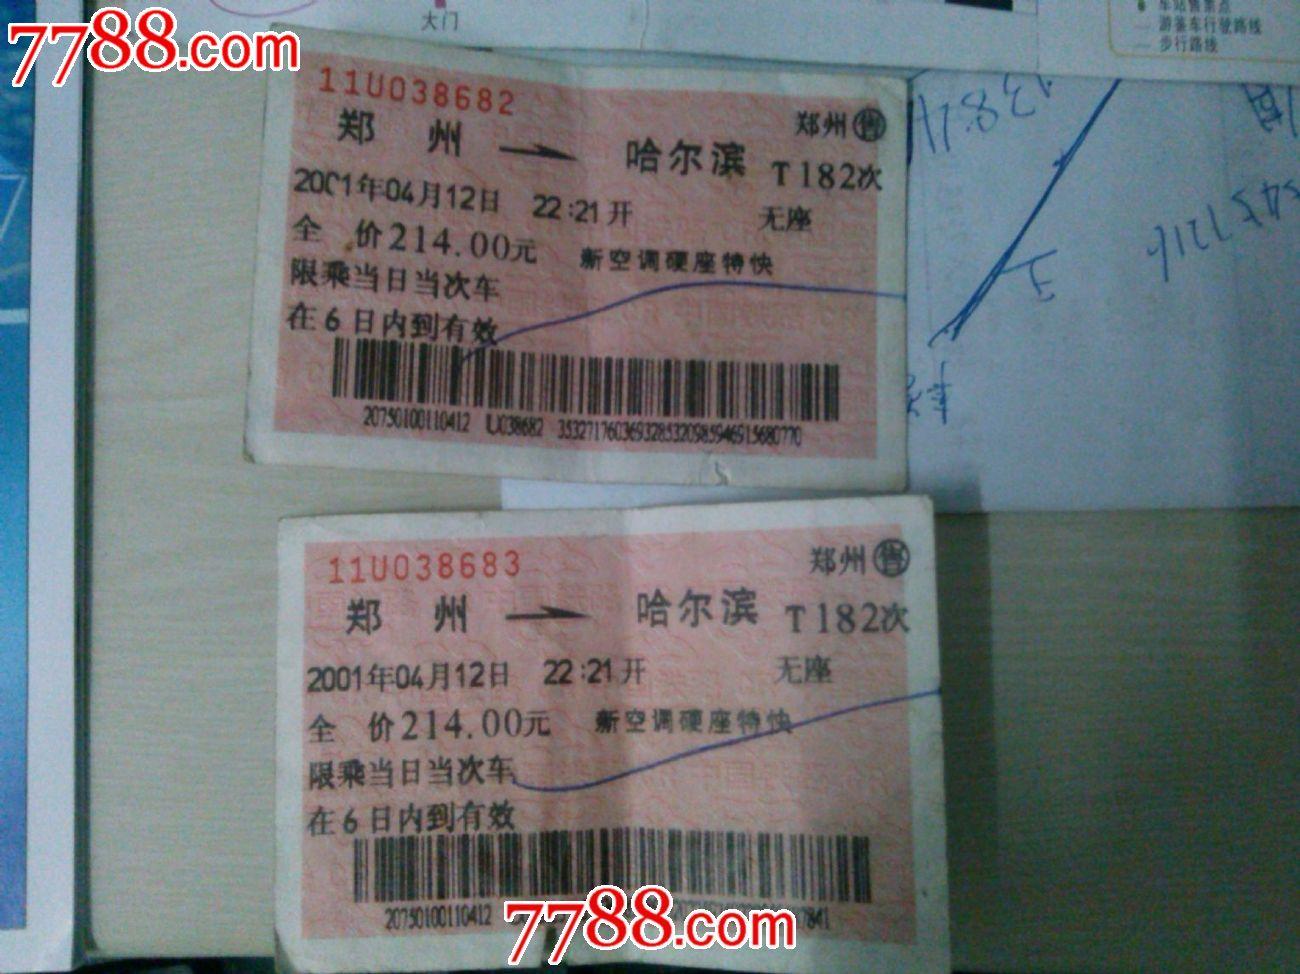 火车票2001年郑州到哈尔滨的t182c次